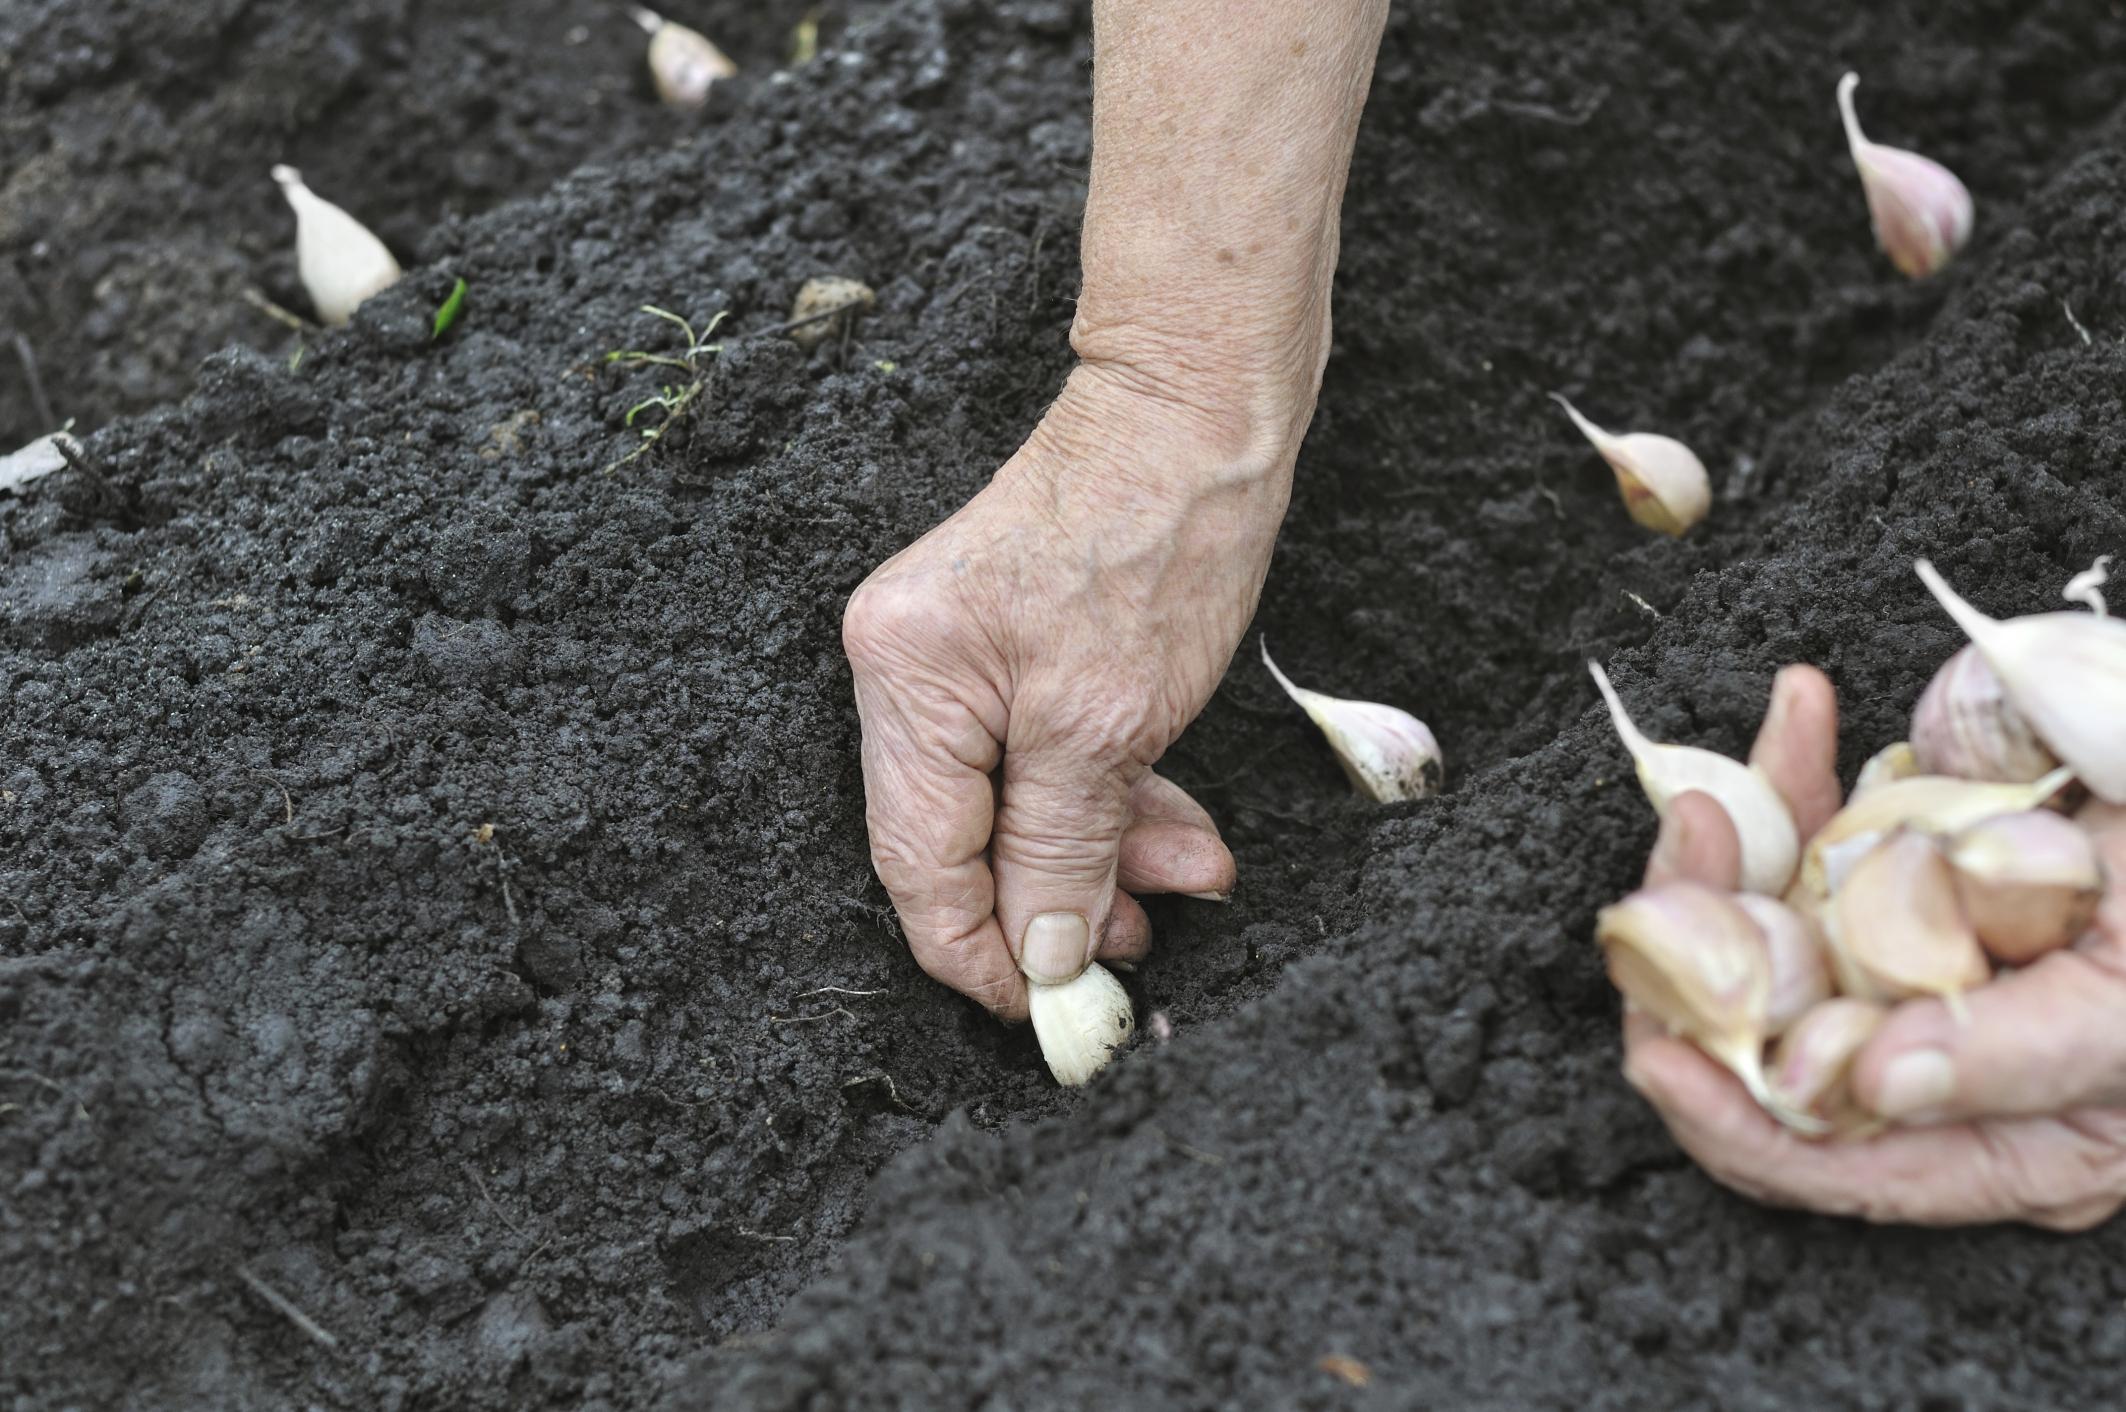 Яровой чеснок: когда сажать и как выращивать. Чеснок 93